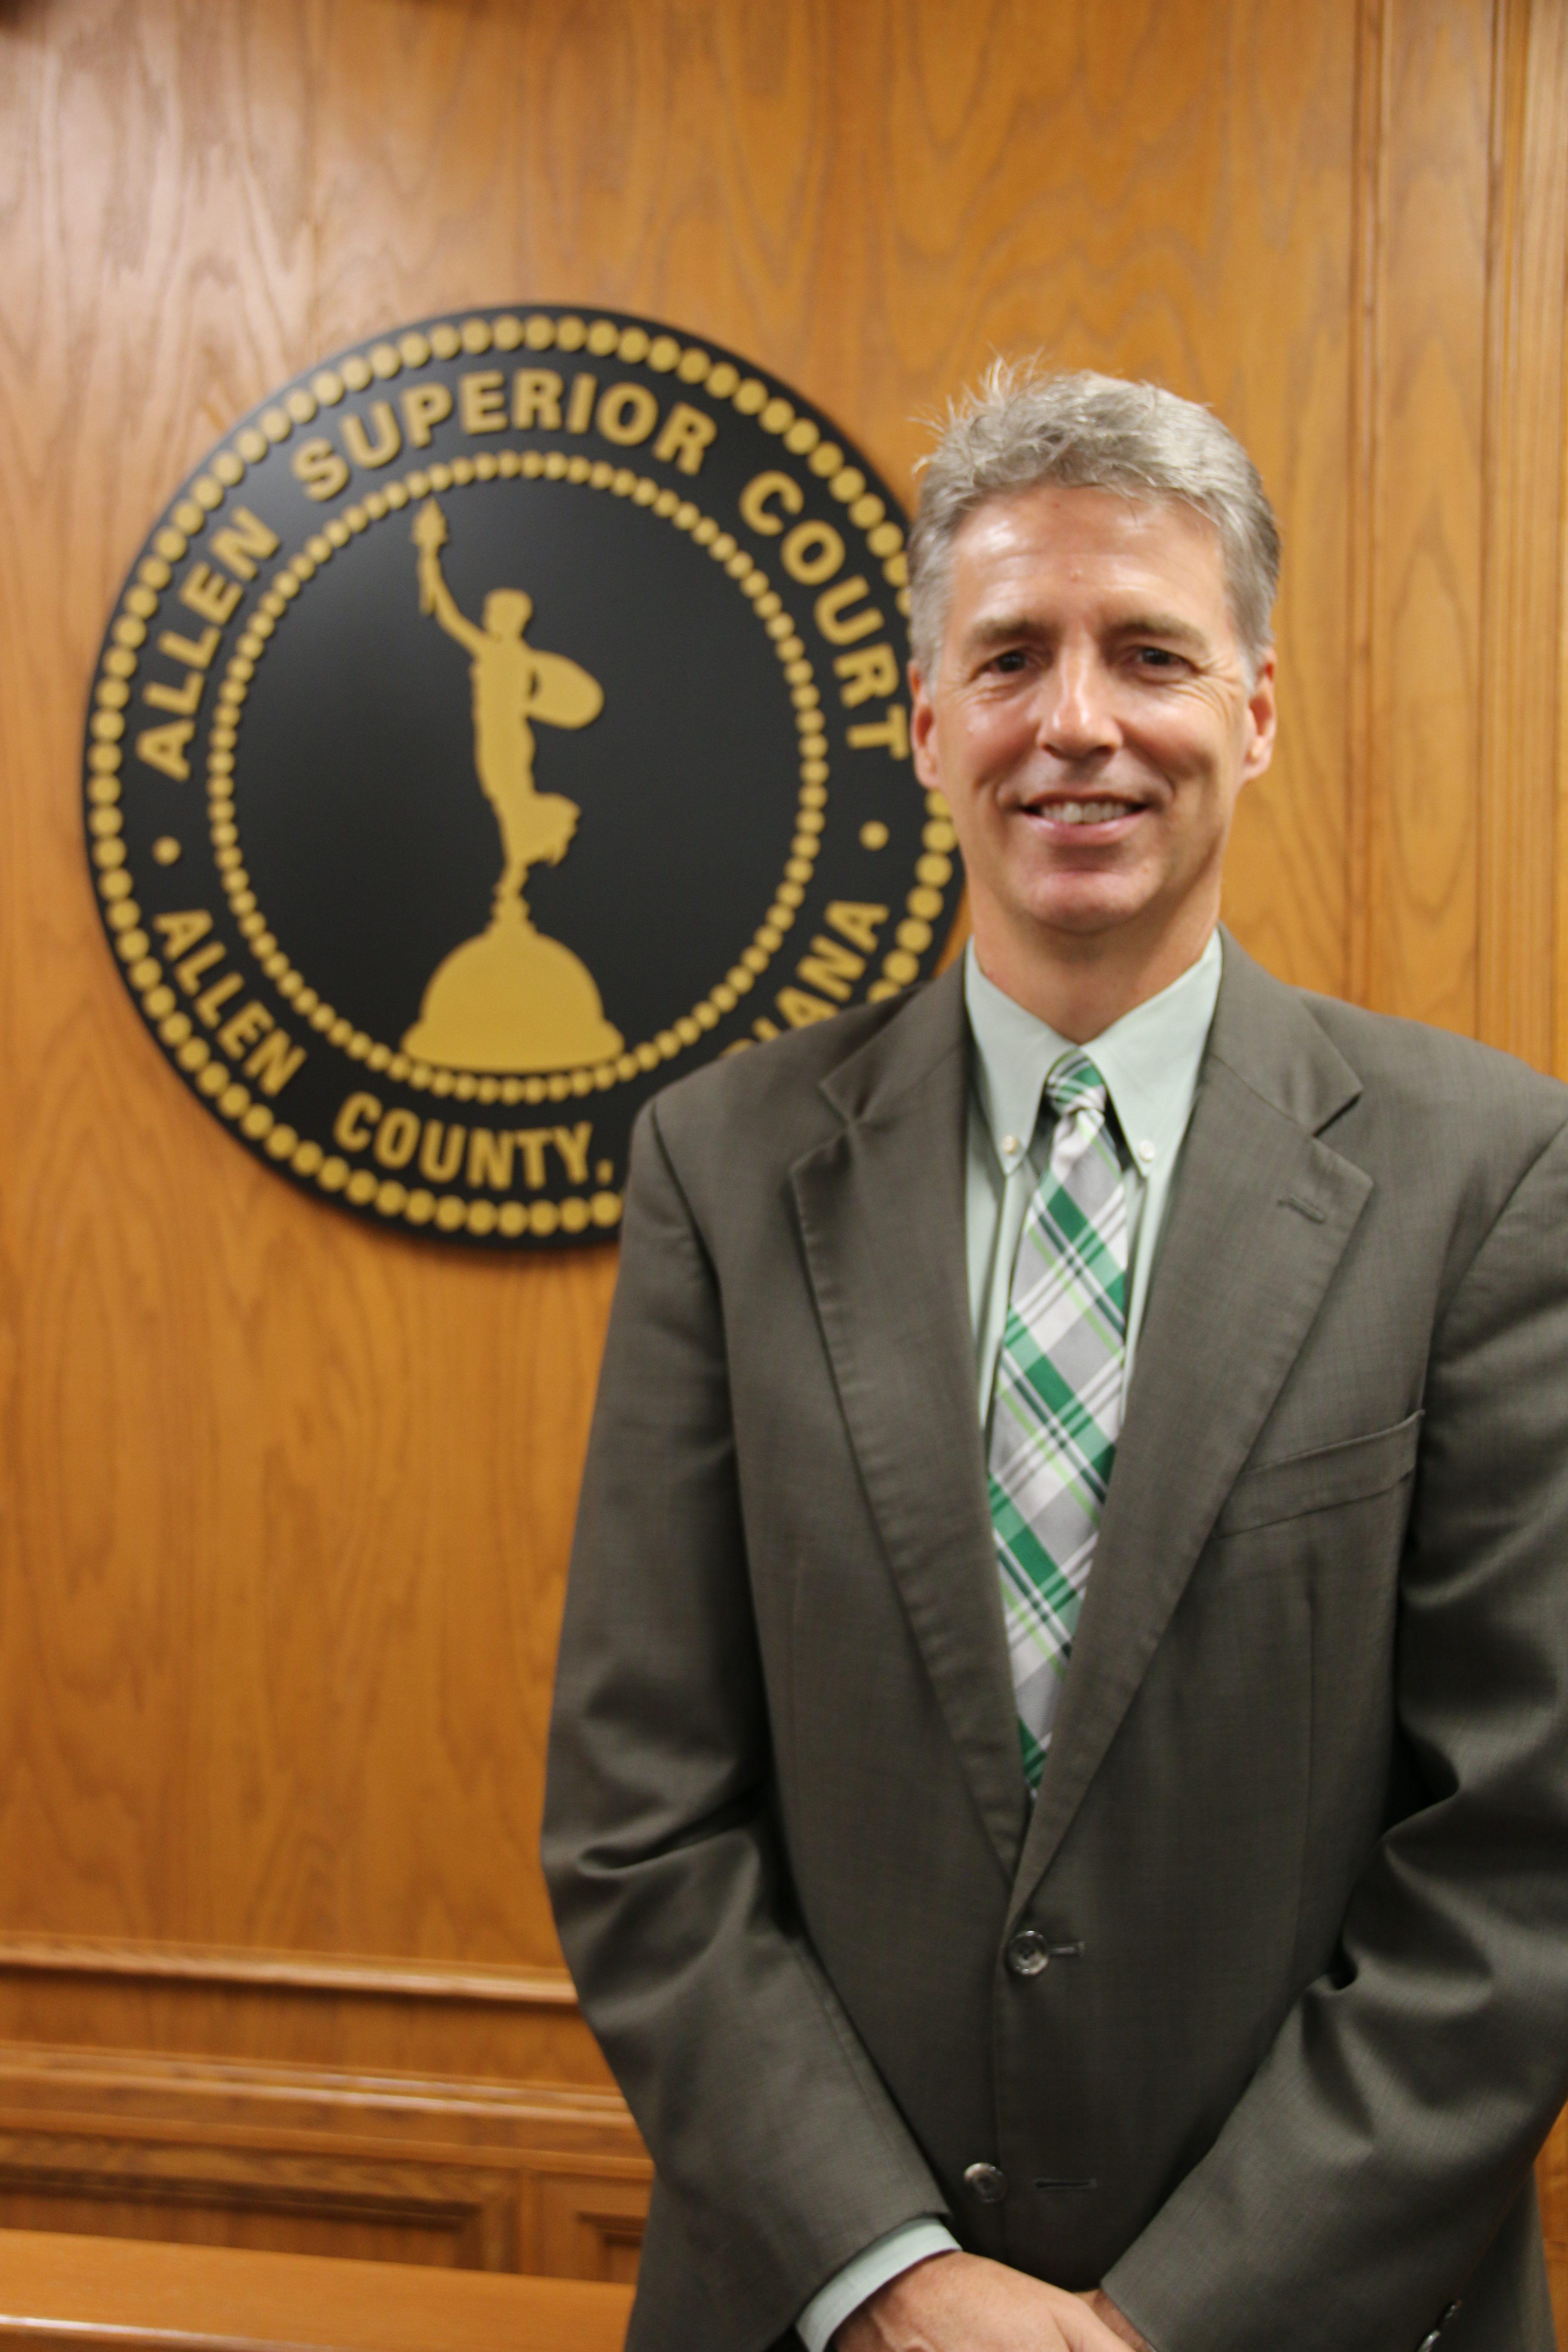 Magistrate Phillip E. Houk